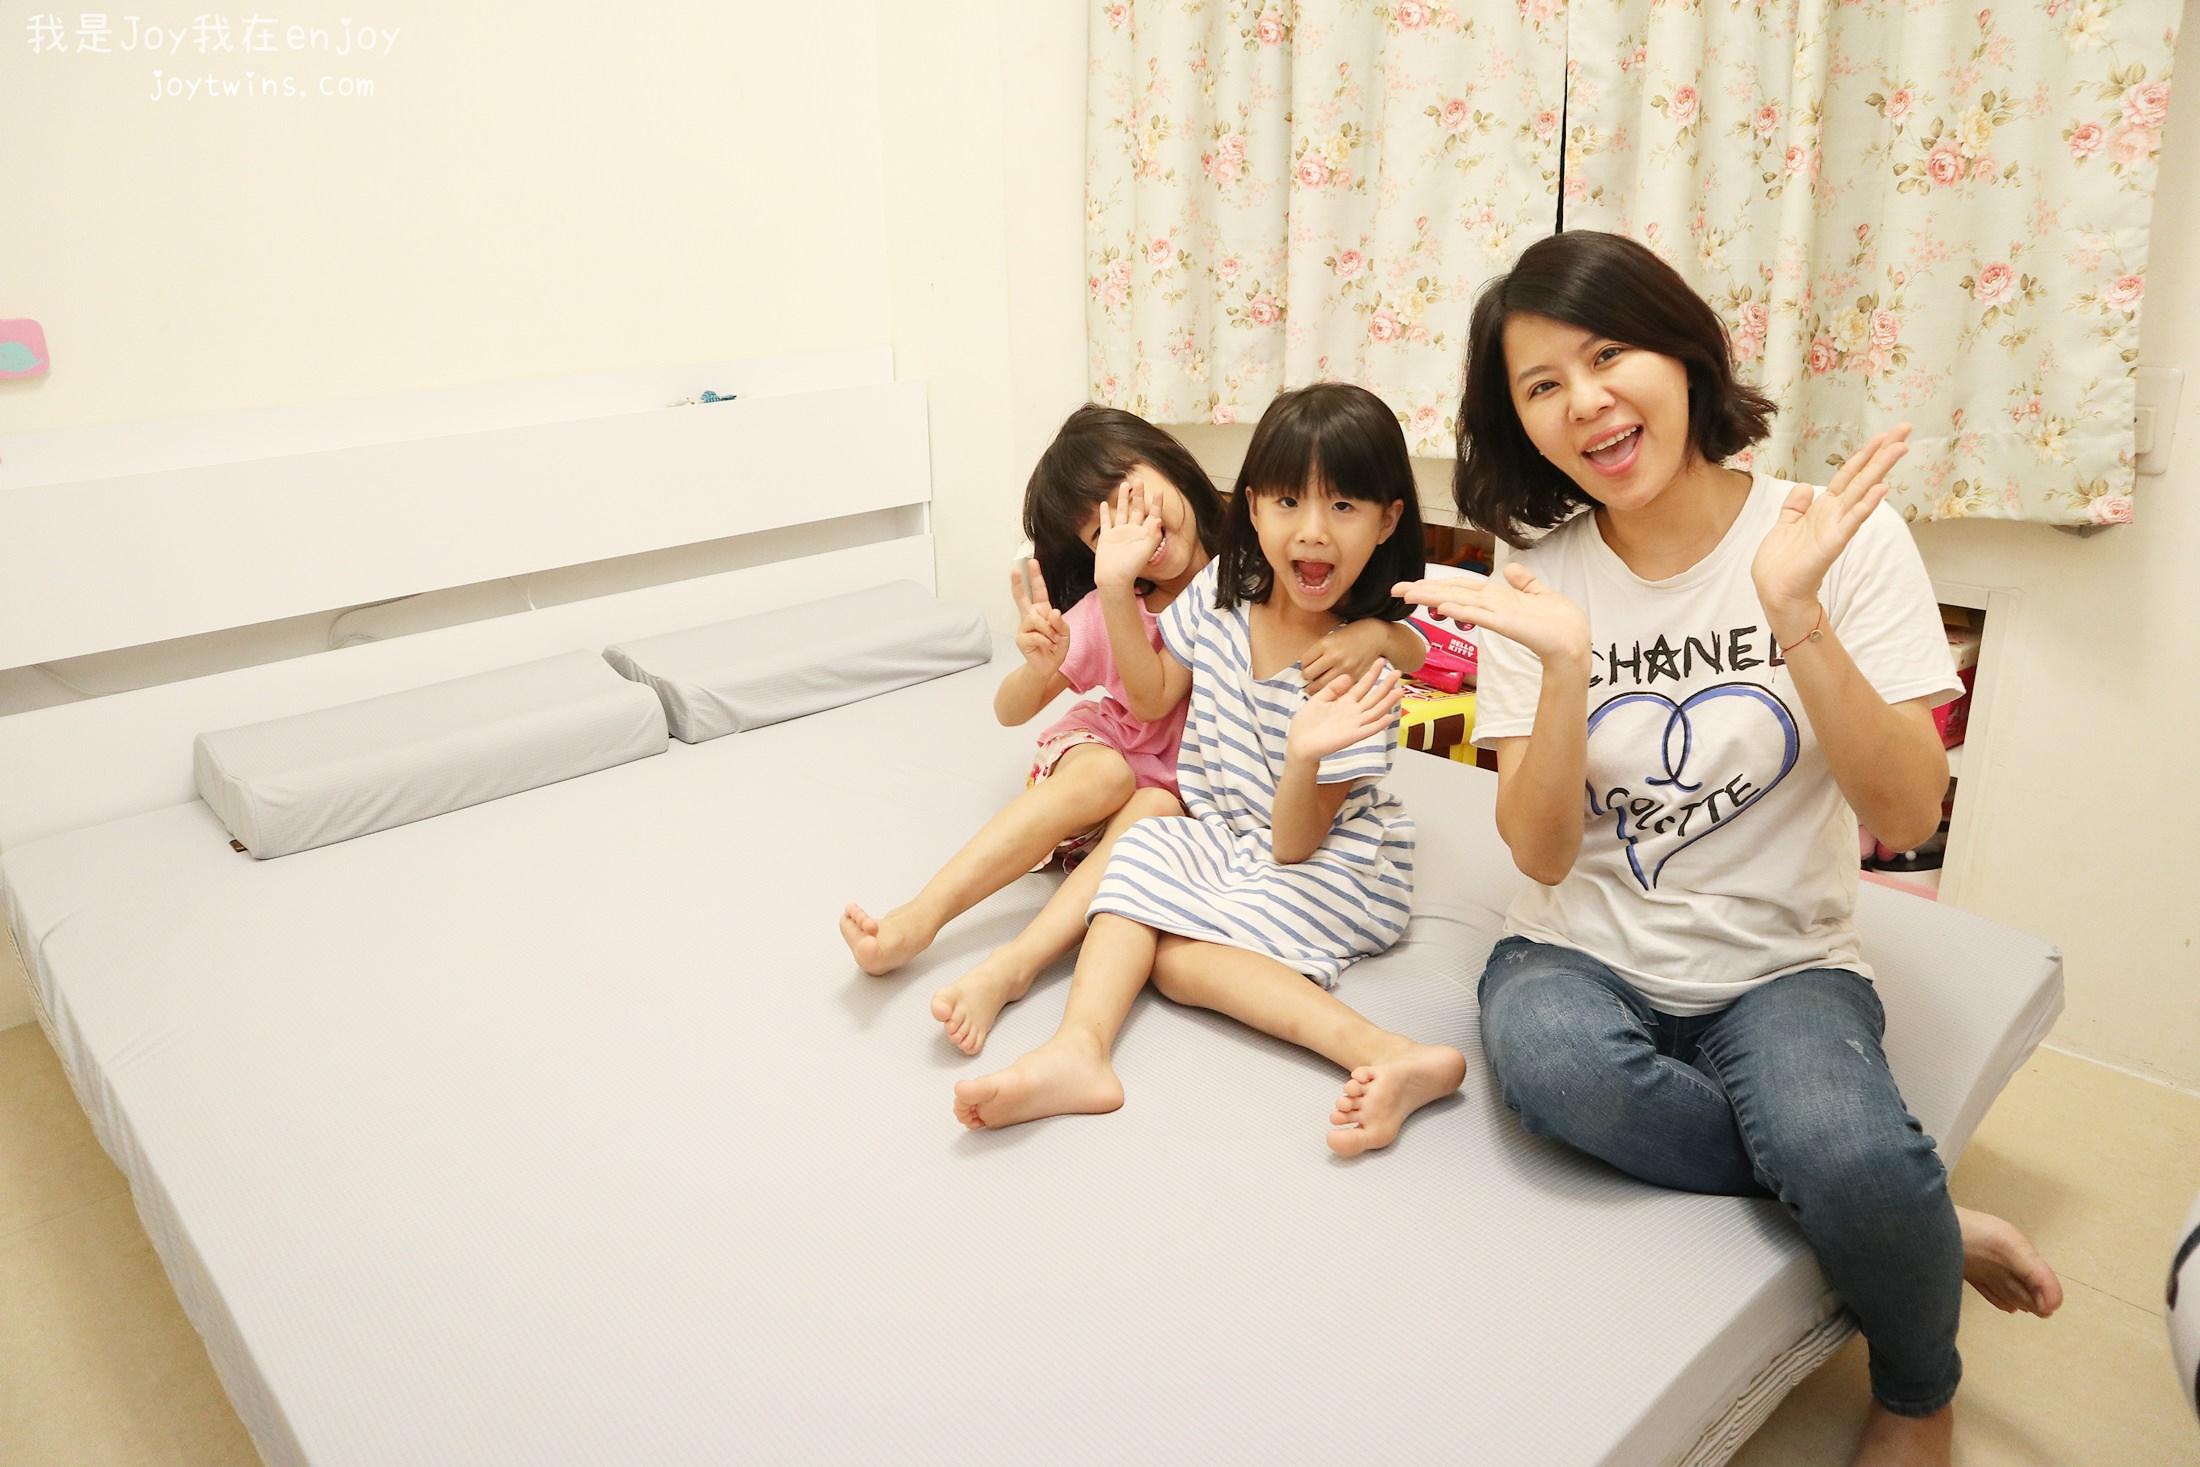 【1/3 A LIFE】抗菌防蹣-減壓8cm全平面記憶床墊 讓家中睡眠瞬間升級又防蹣抗菌 提高睡眠品質! (MOMO獨賣)